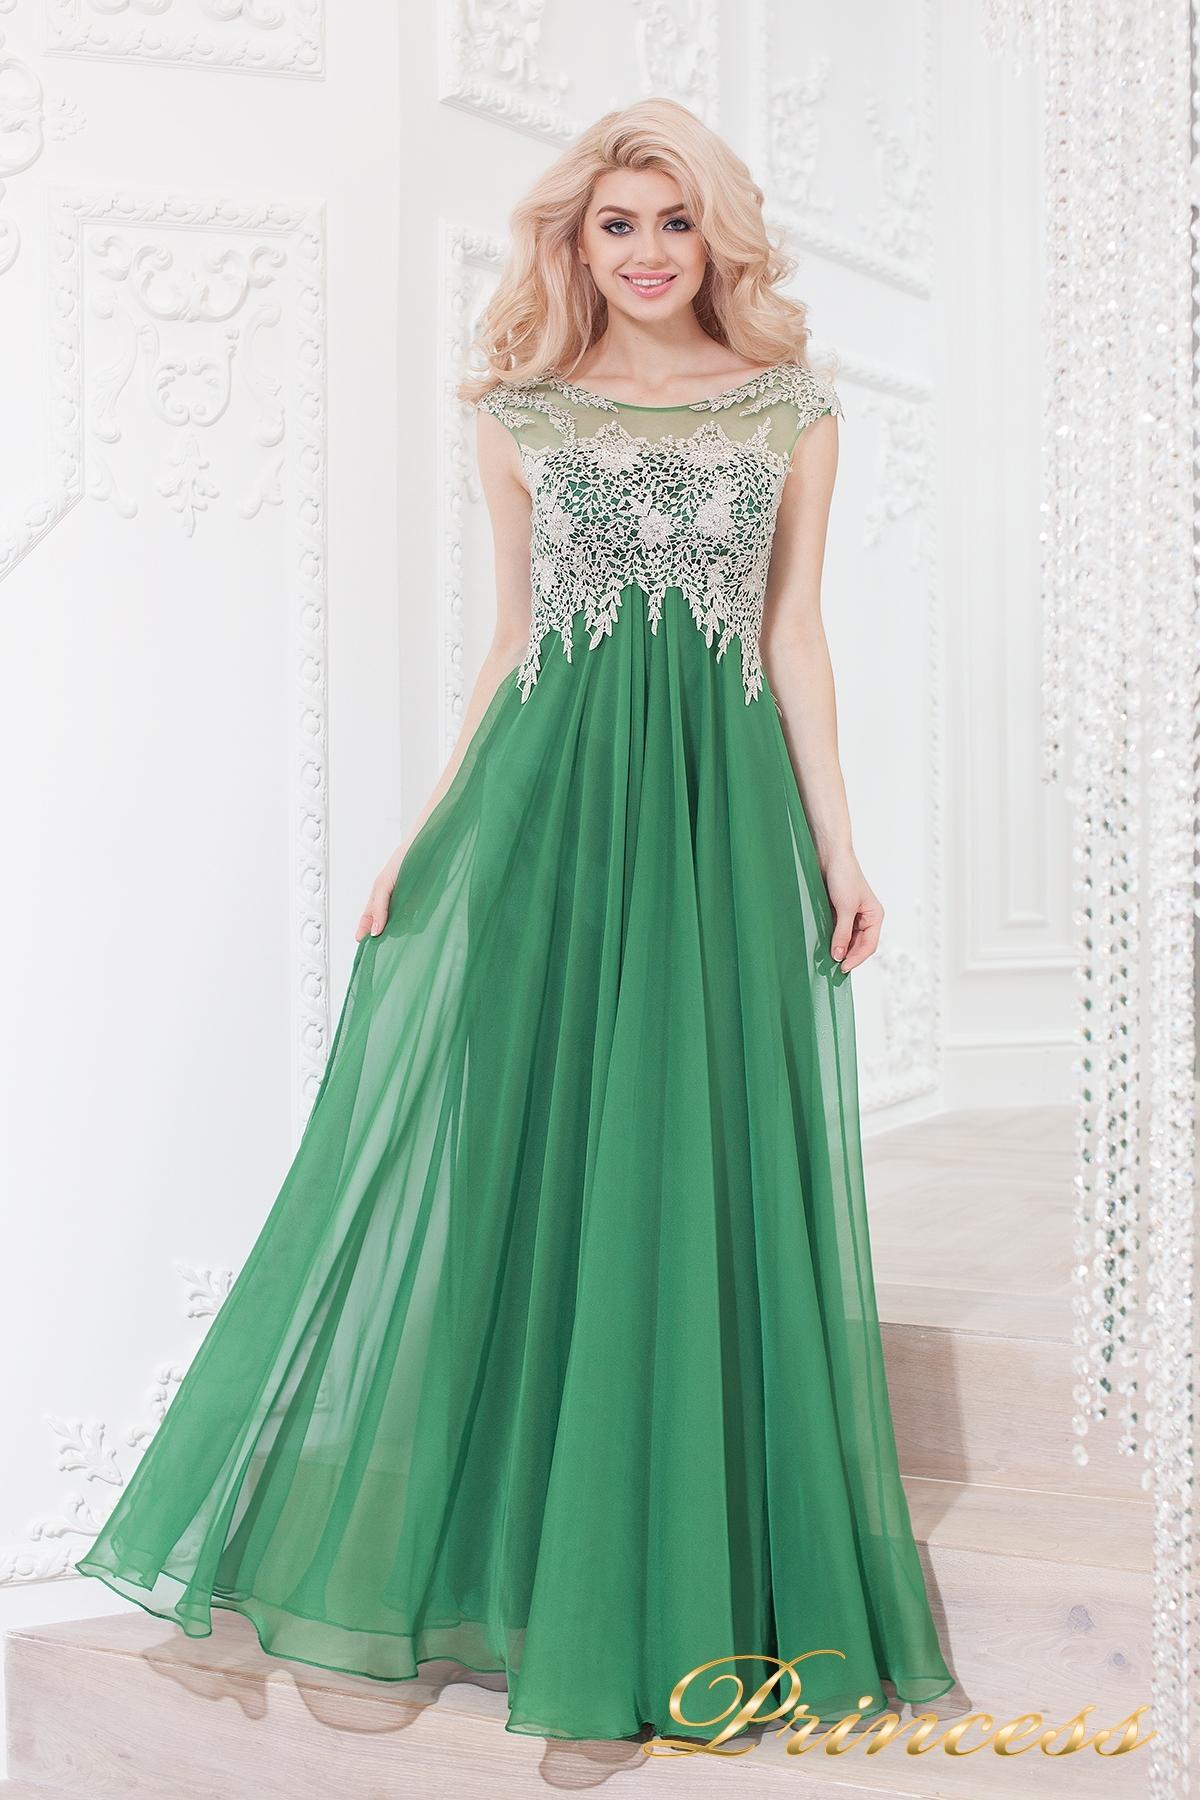 988b22dad5c Купить вечернее платье 4675 green зеленого цвета по цене 31500 руб ...